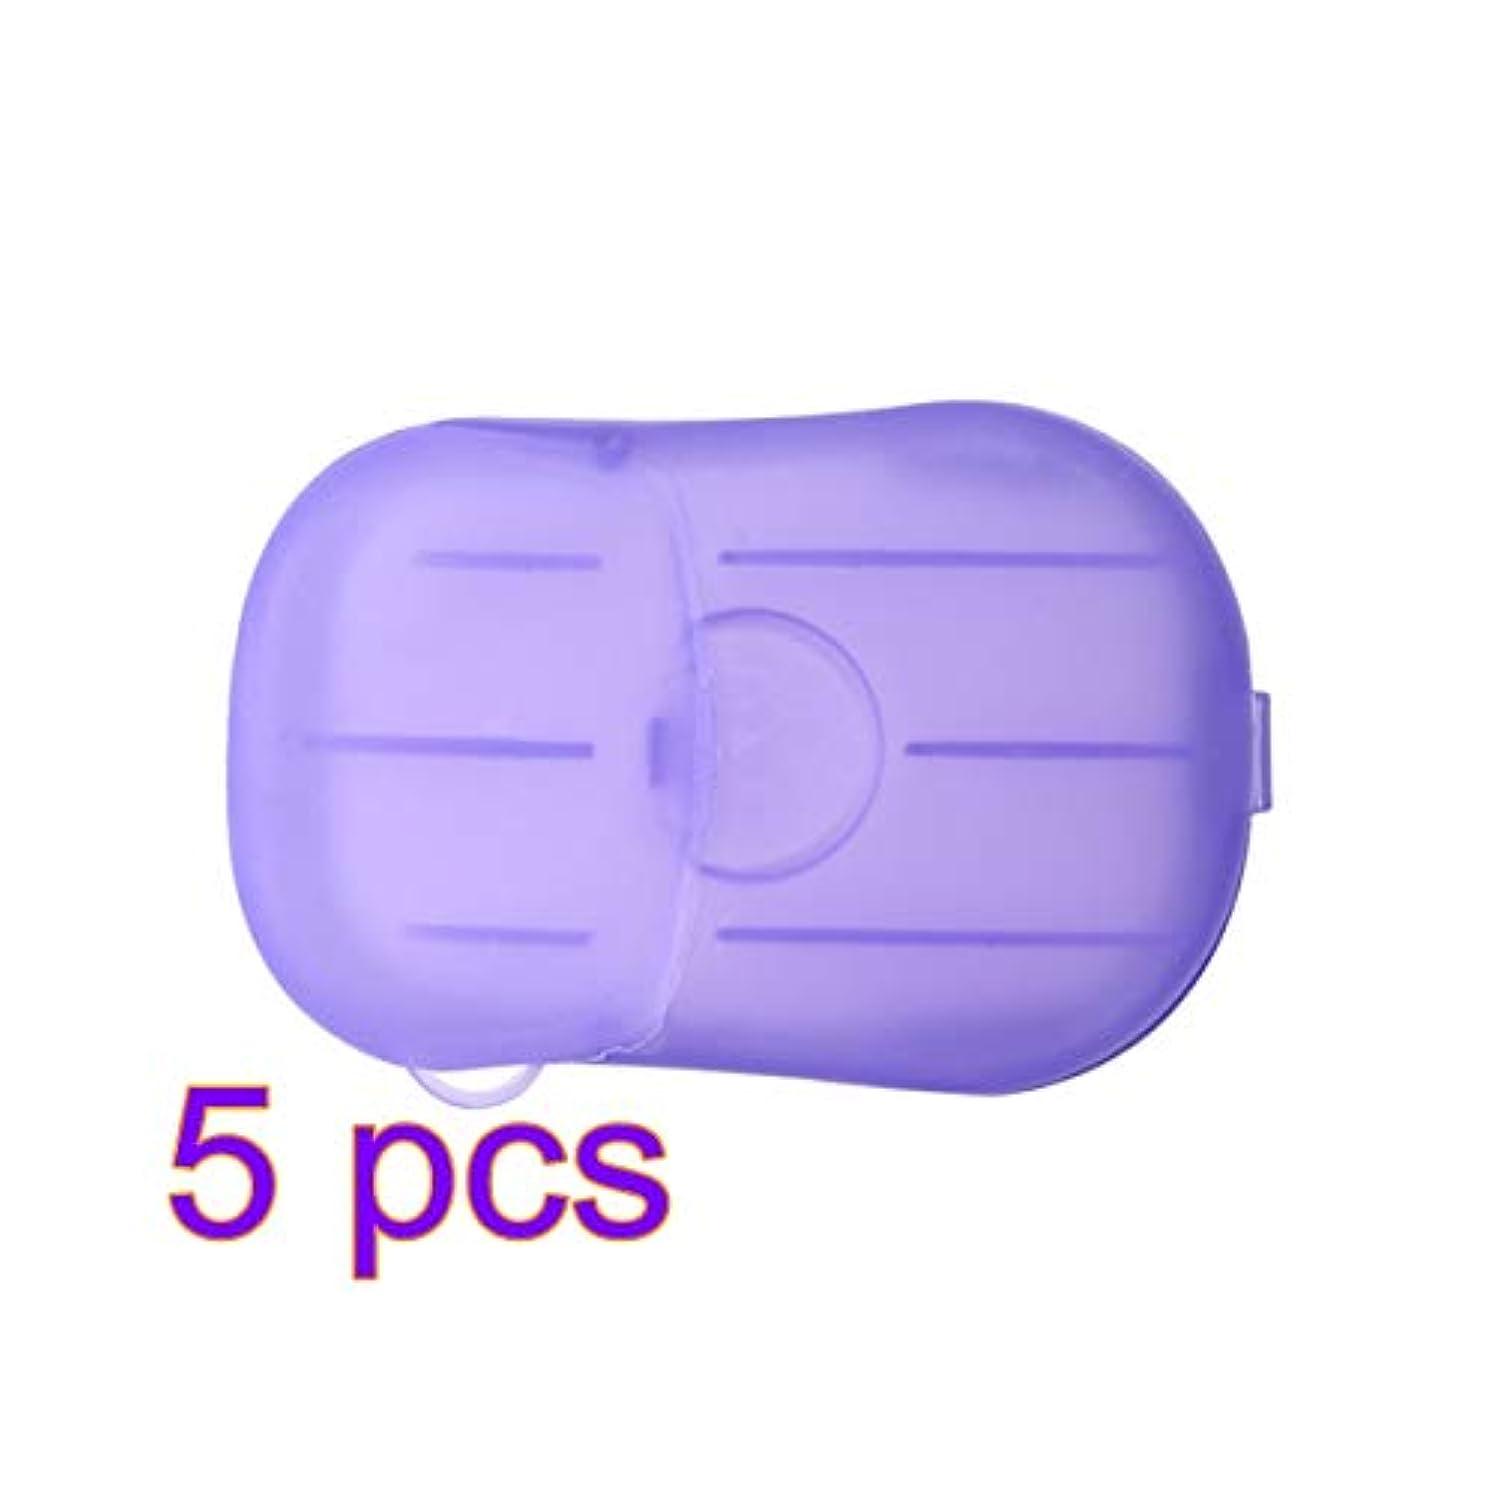 初心者重なる帝国主義LIOOBO 5セットポータブルソープペーパー使い捨て手洗いペーパーソープスライスシーツ子供用大人トイレ旅行屋外用(パープル)